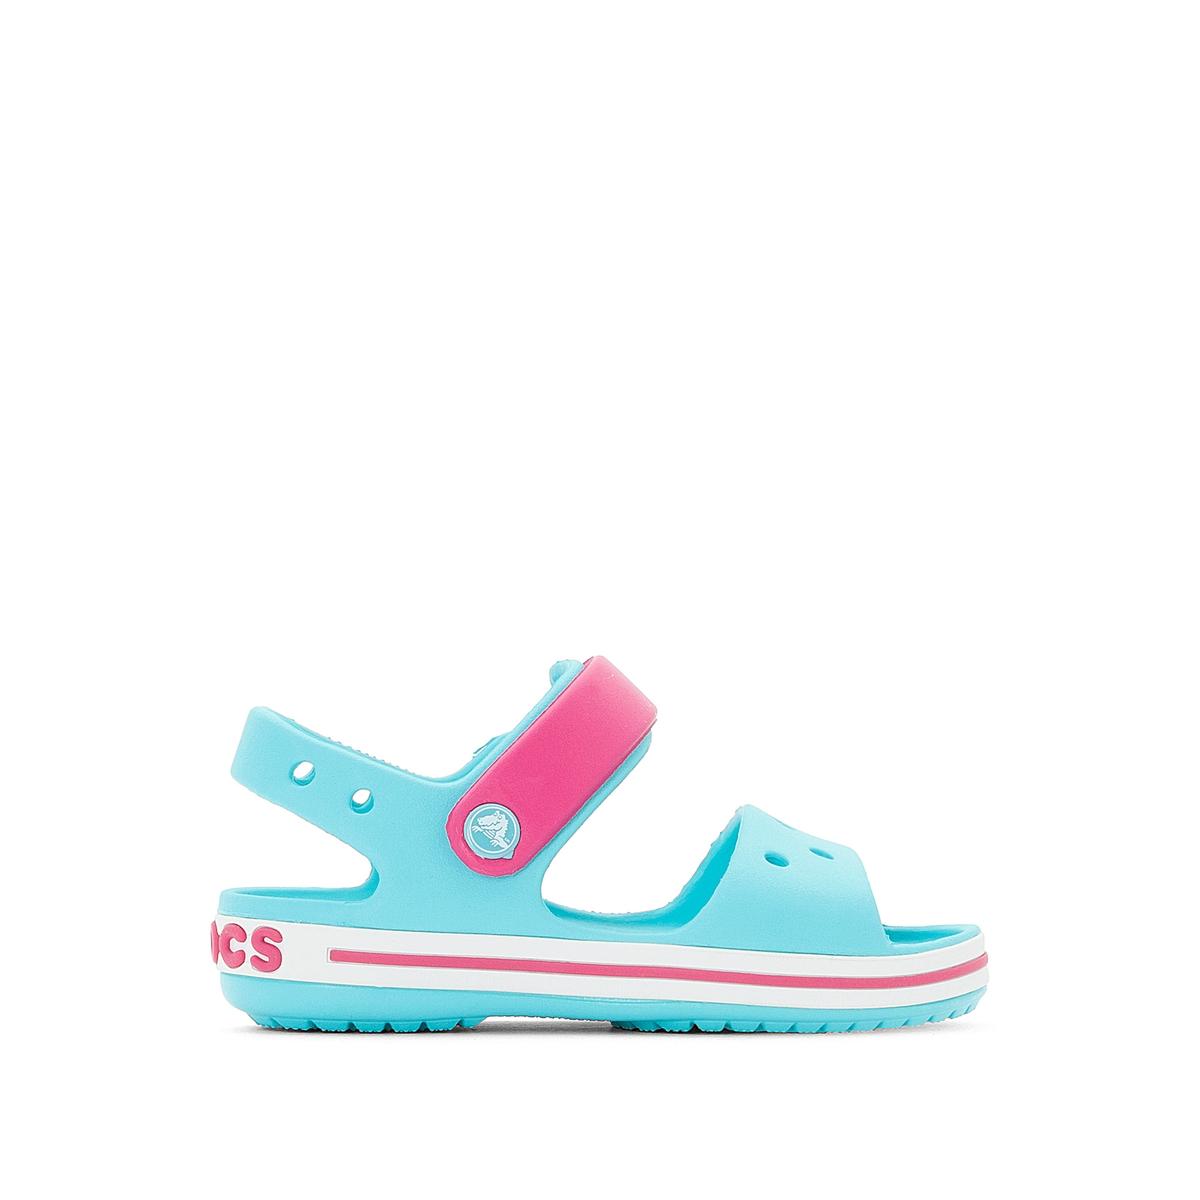 цена Сандалии La Redoute Crocband Sandal Kids 32/33 зеленый онлайн в 2017 году